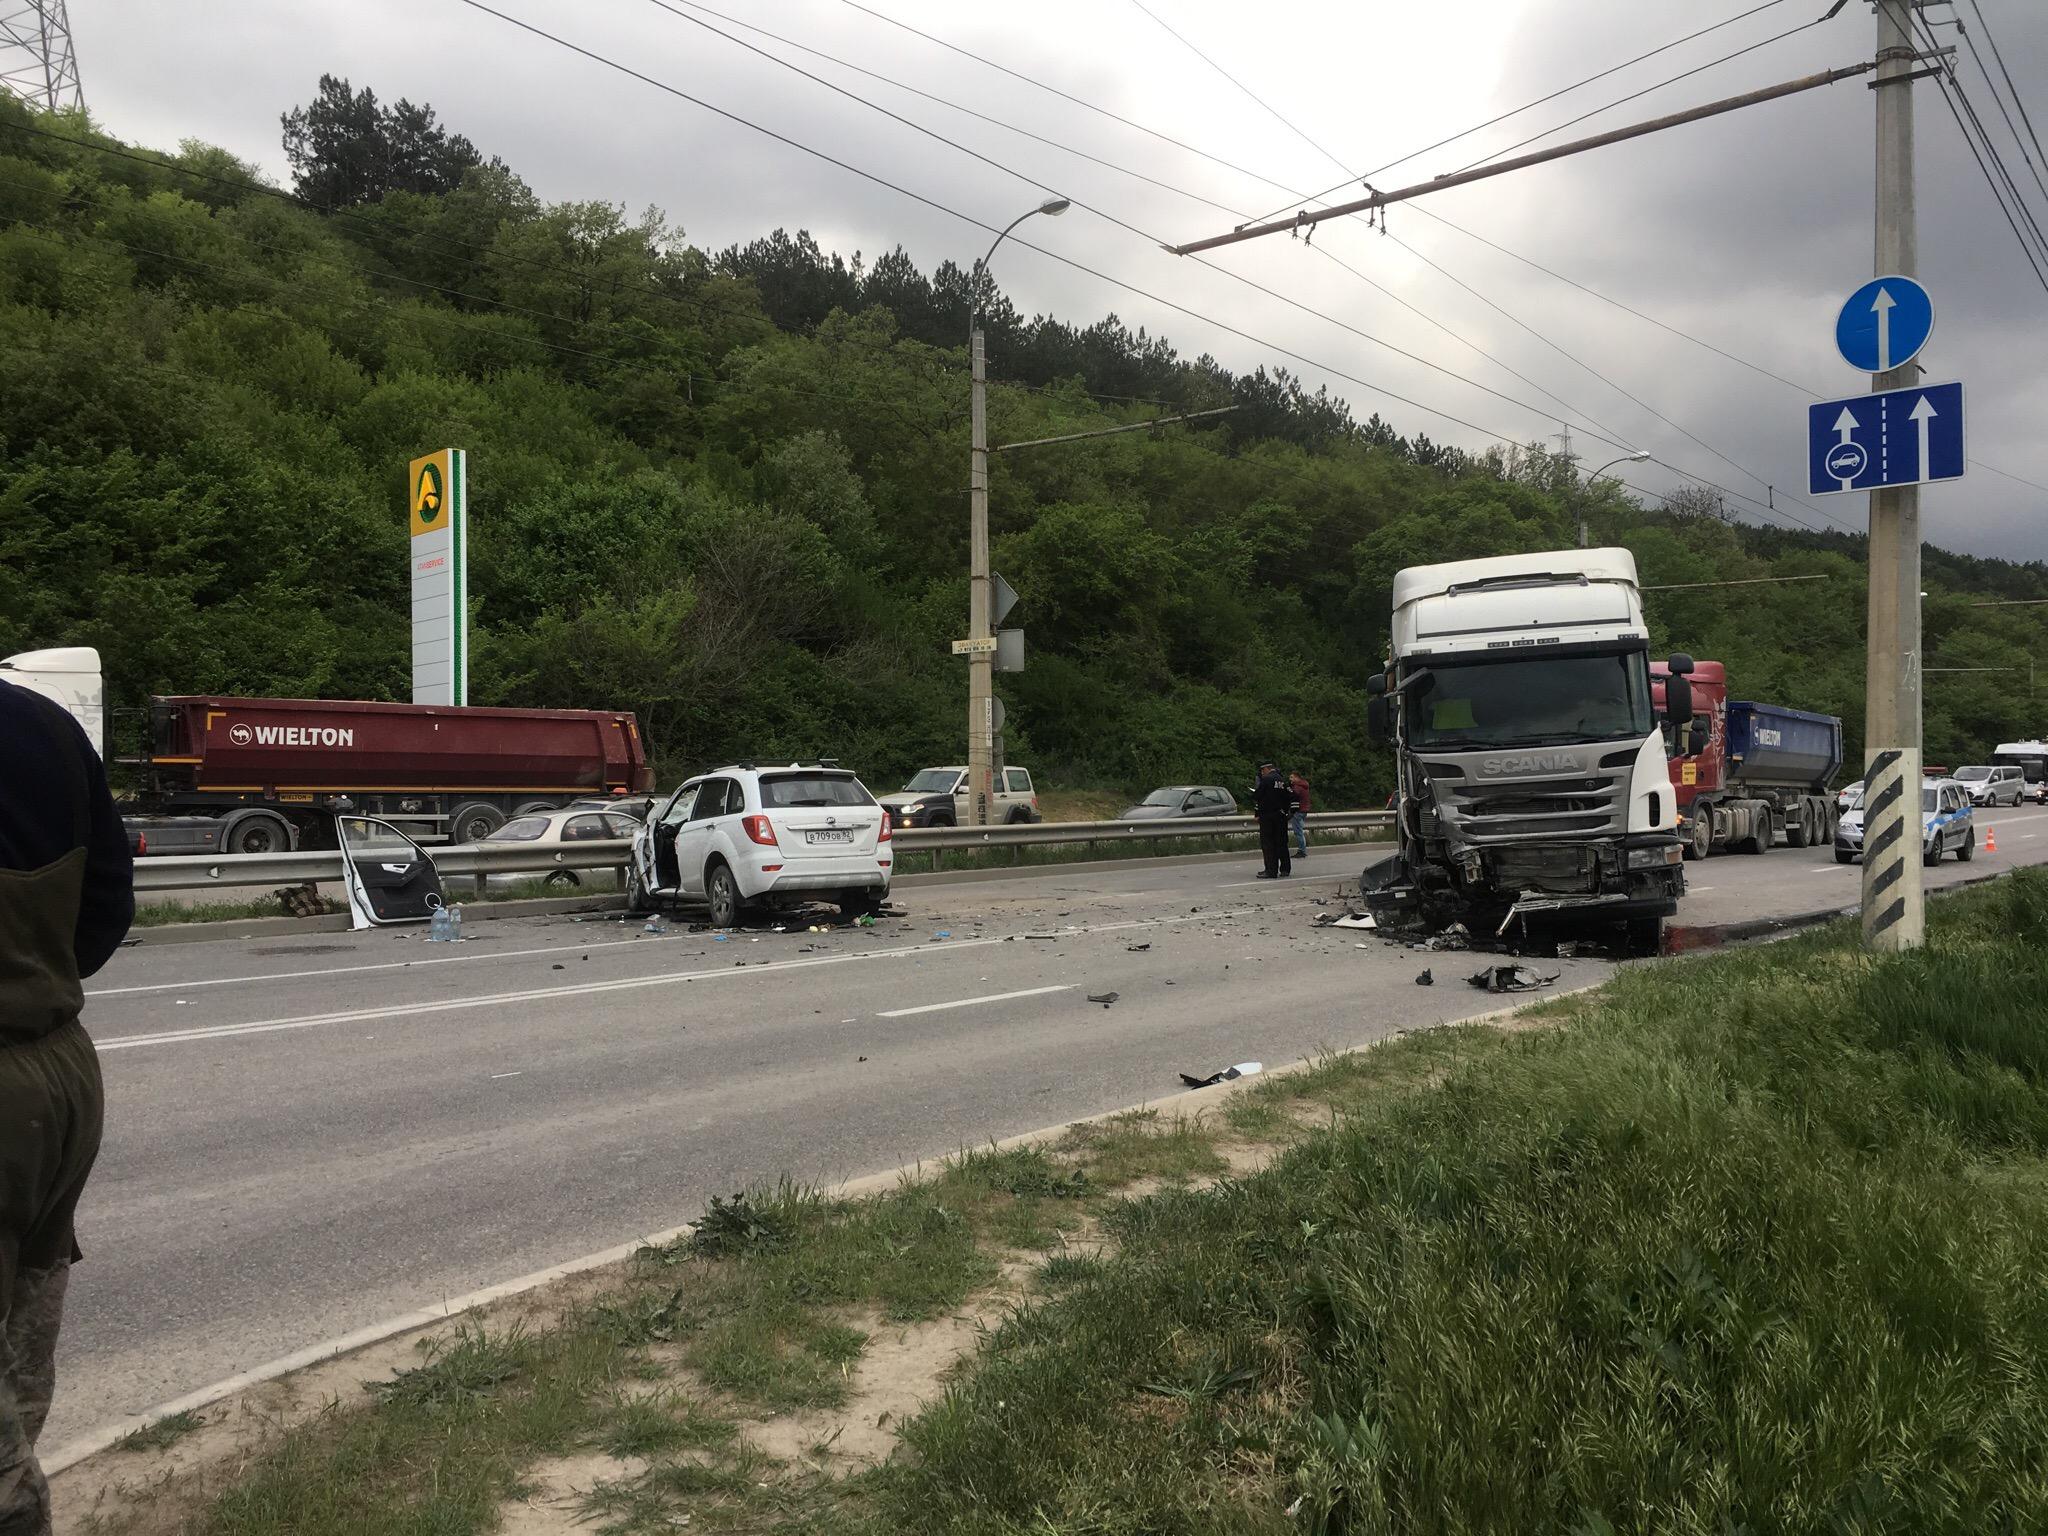 Лобовое столкновение с грузовиком в Крыму: есть пострадавшие